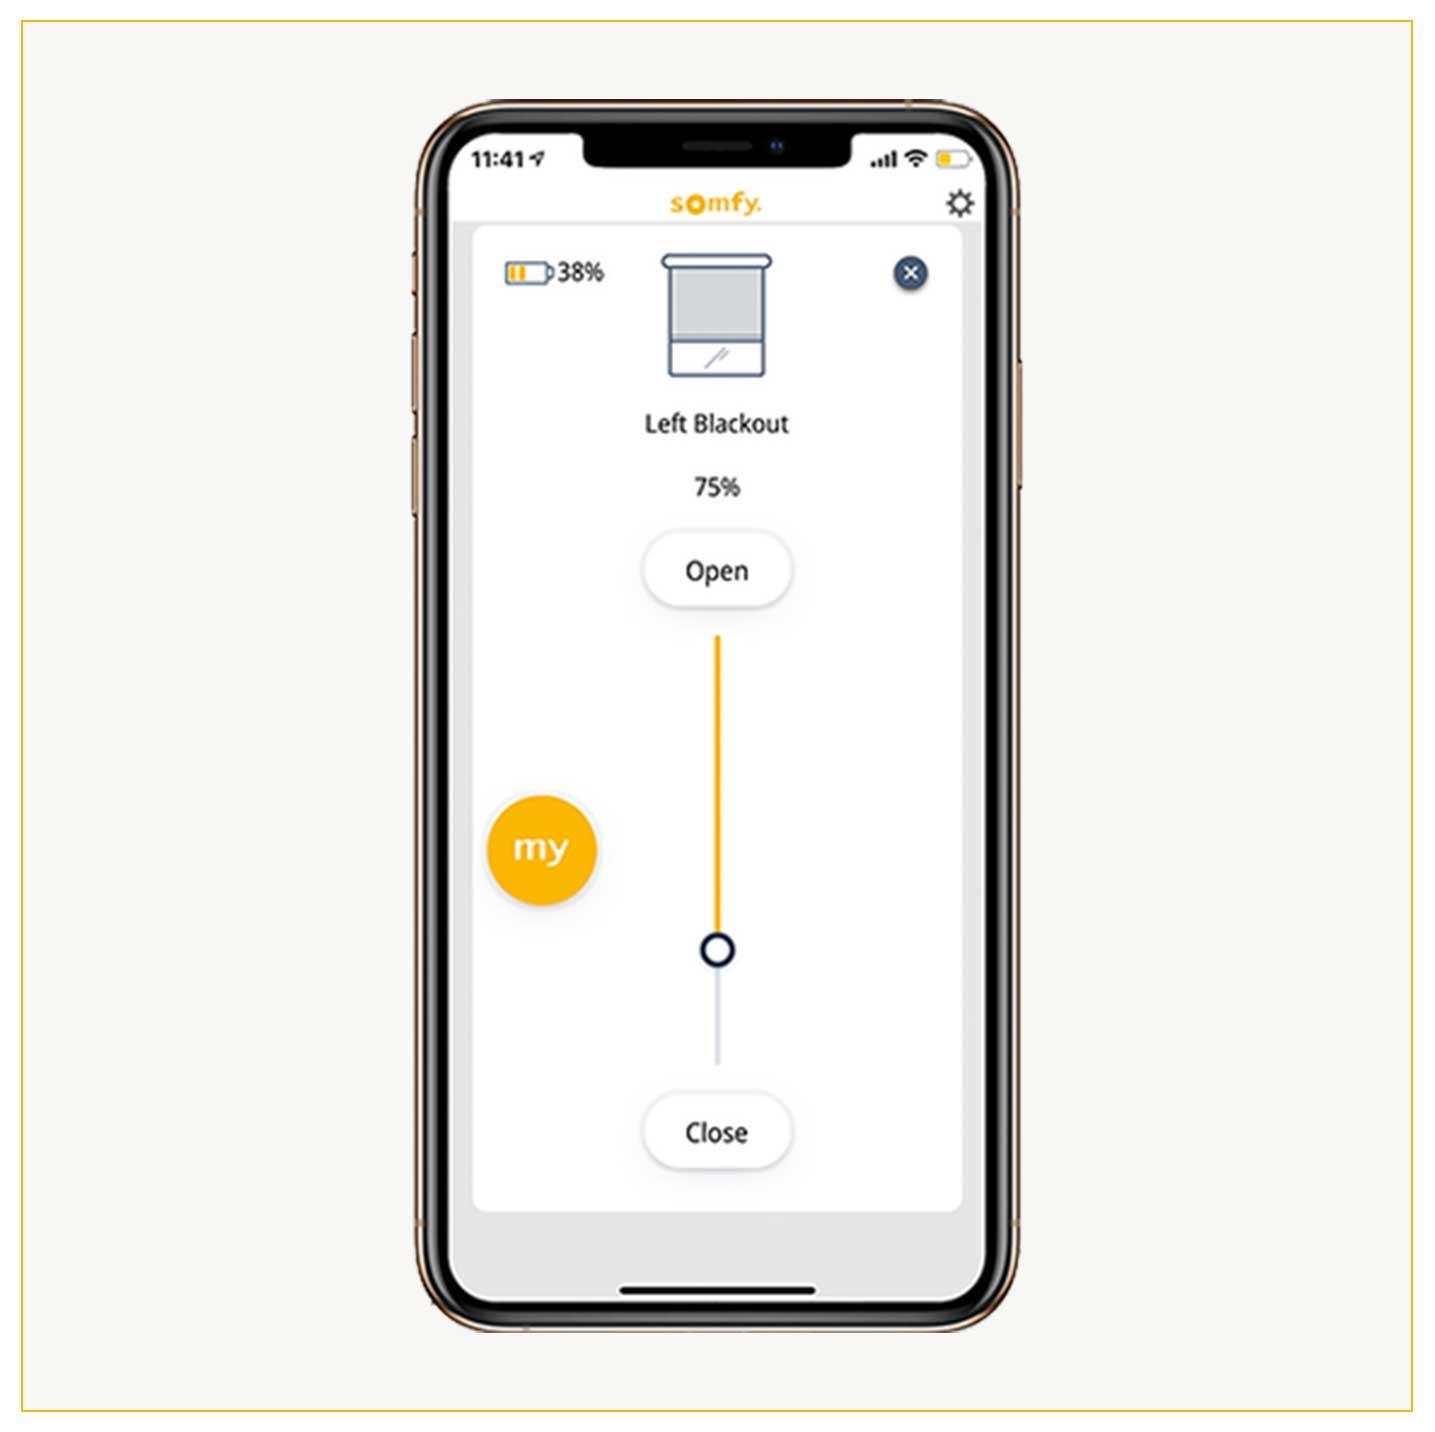 somfy-tahoma-app-5.jpg